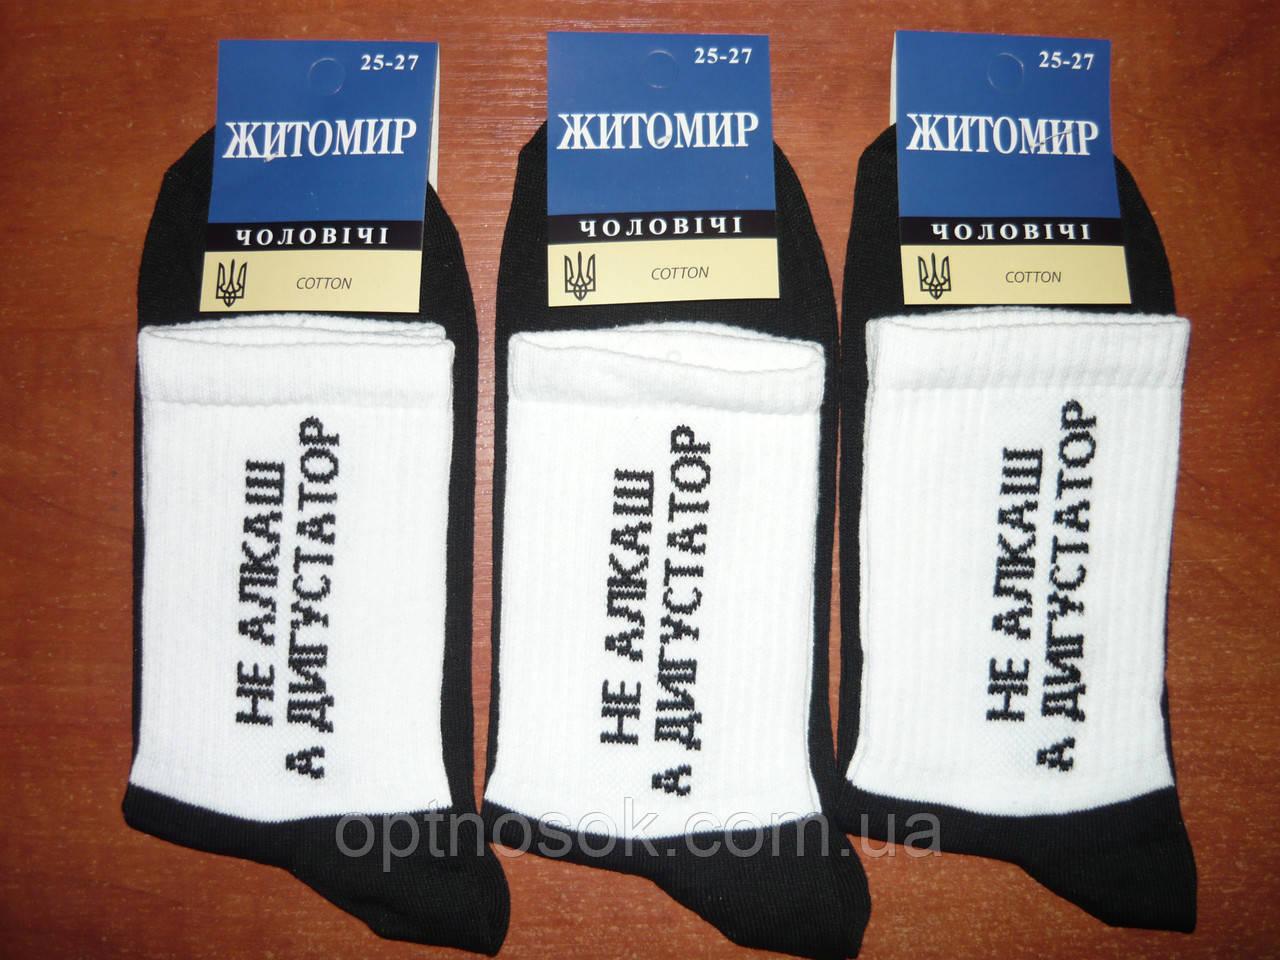 Мужские носки с приколами. Высокие. р. 25-27. Черные.